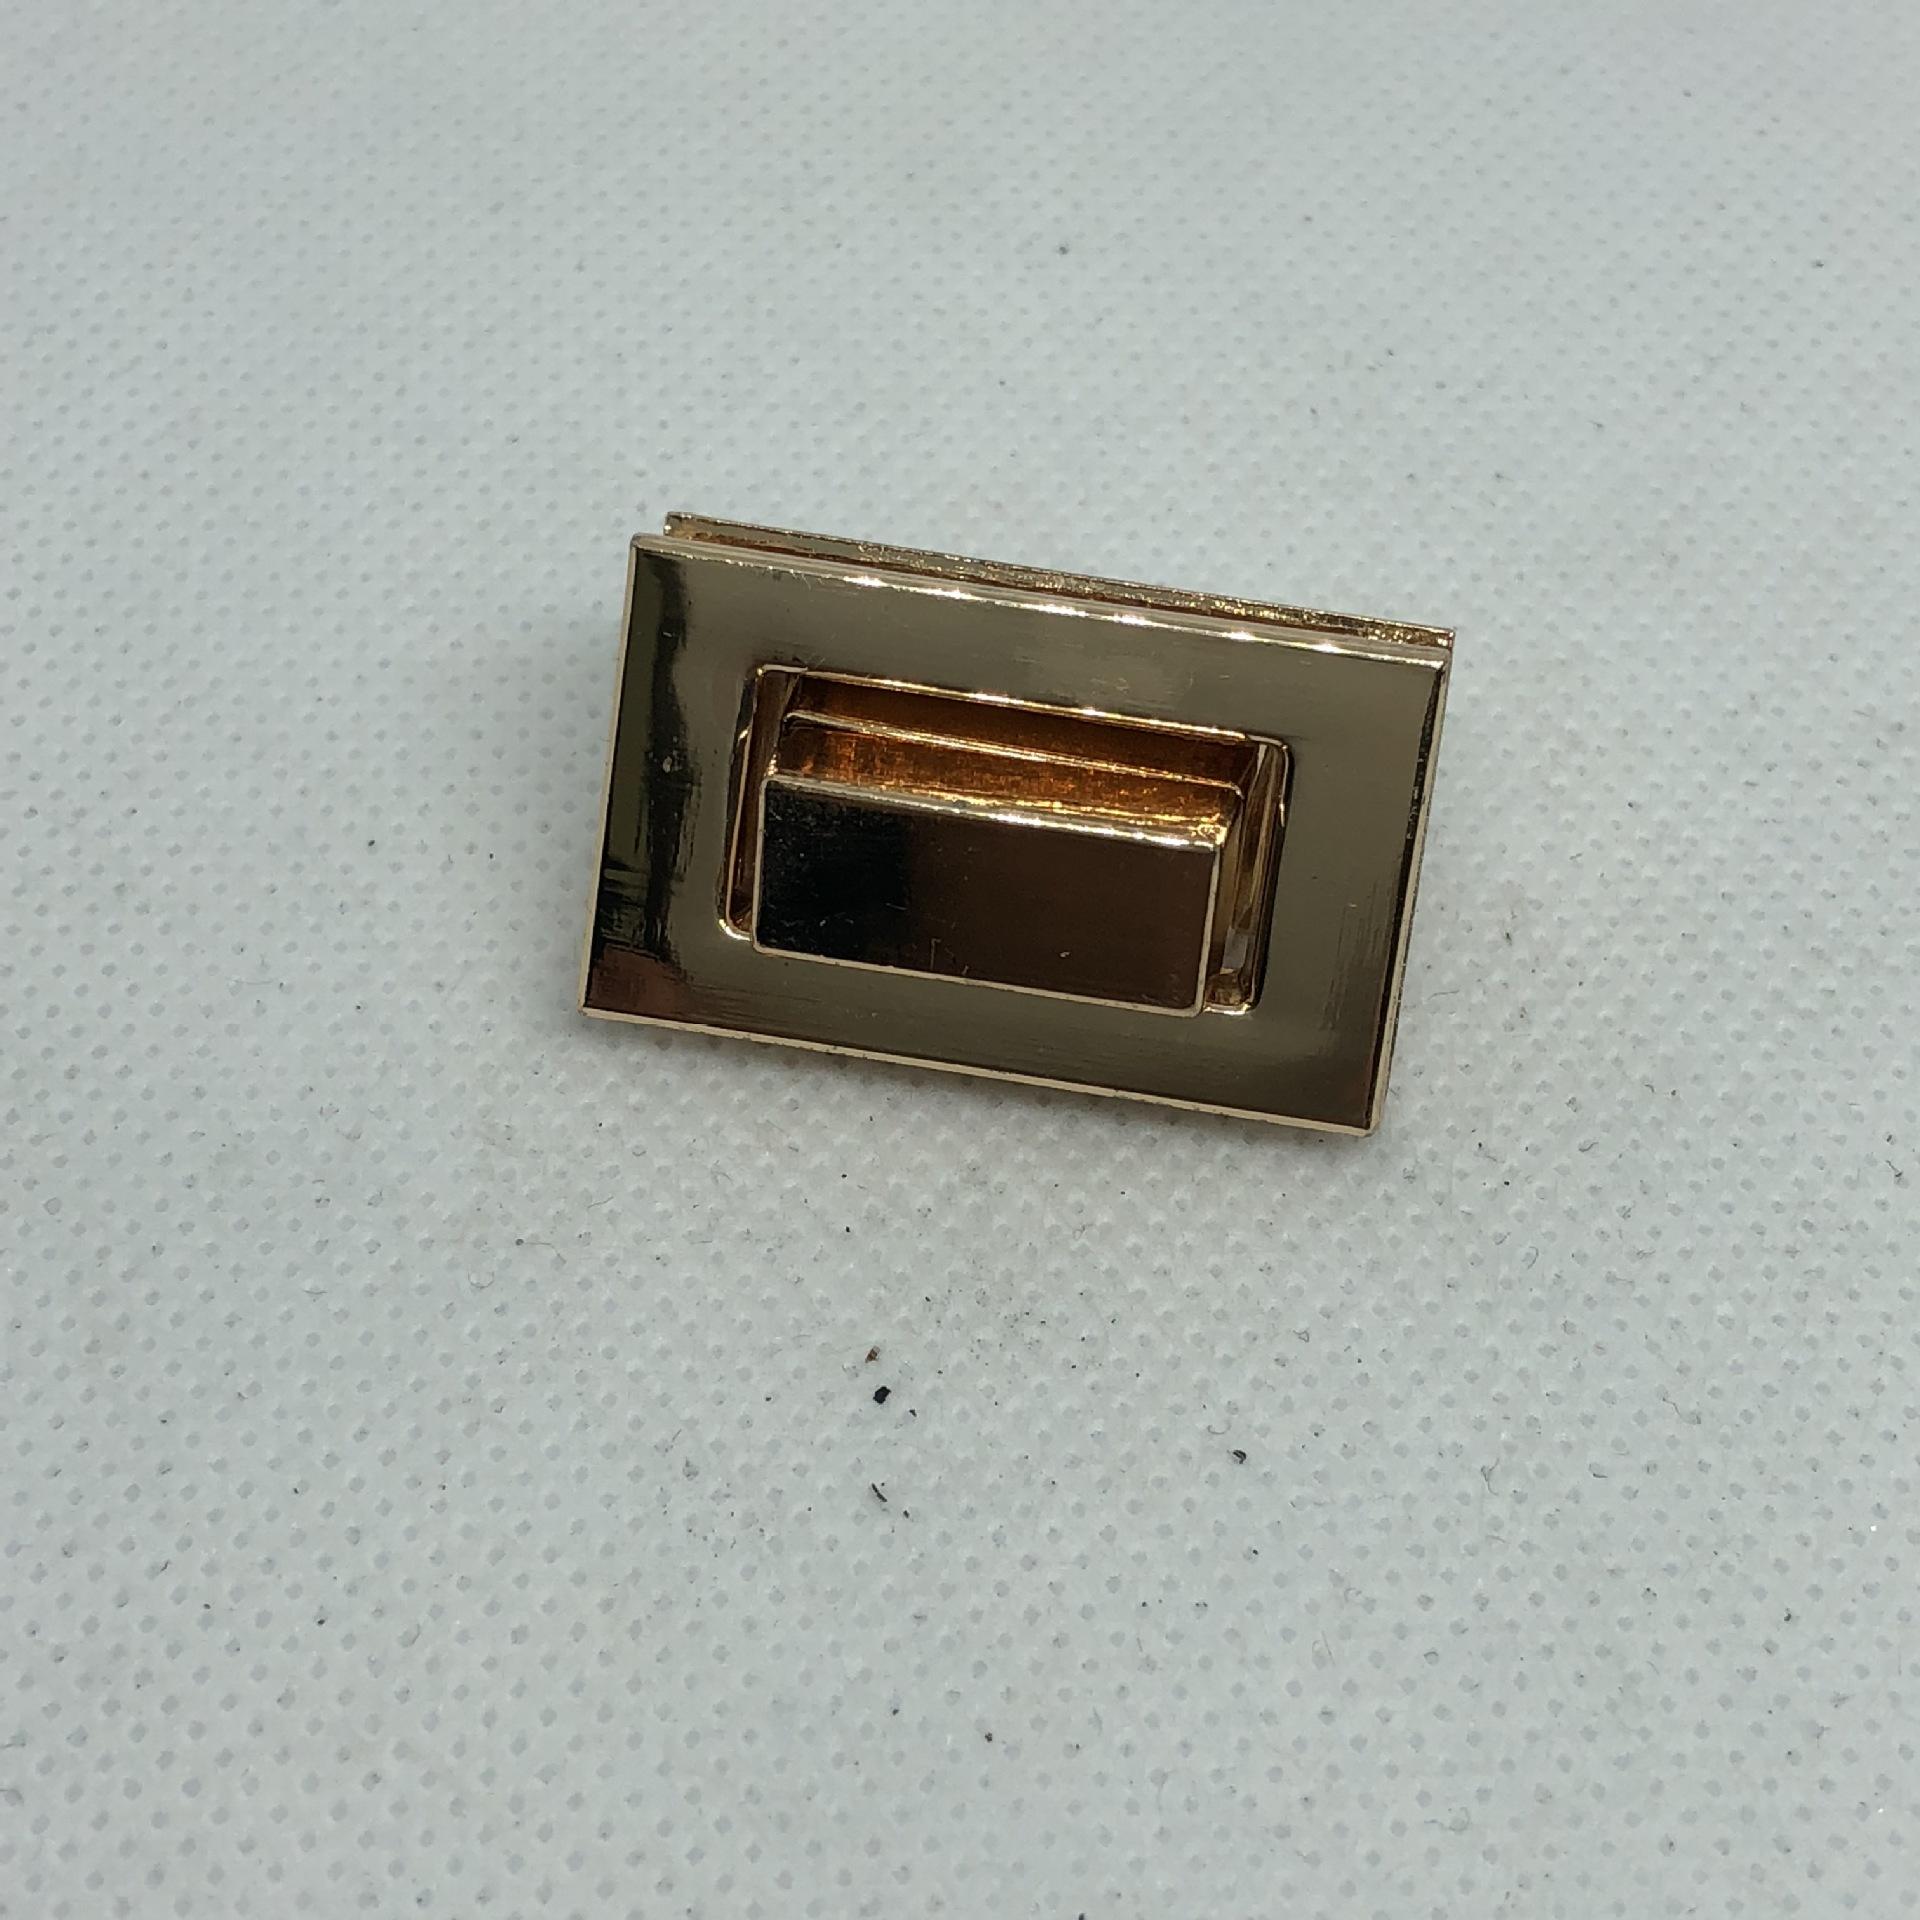 环保 手袋 皮具 箱包五金配件旋转锁扣 锌合金中小长方形金属拧锁